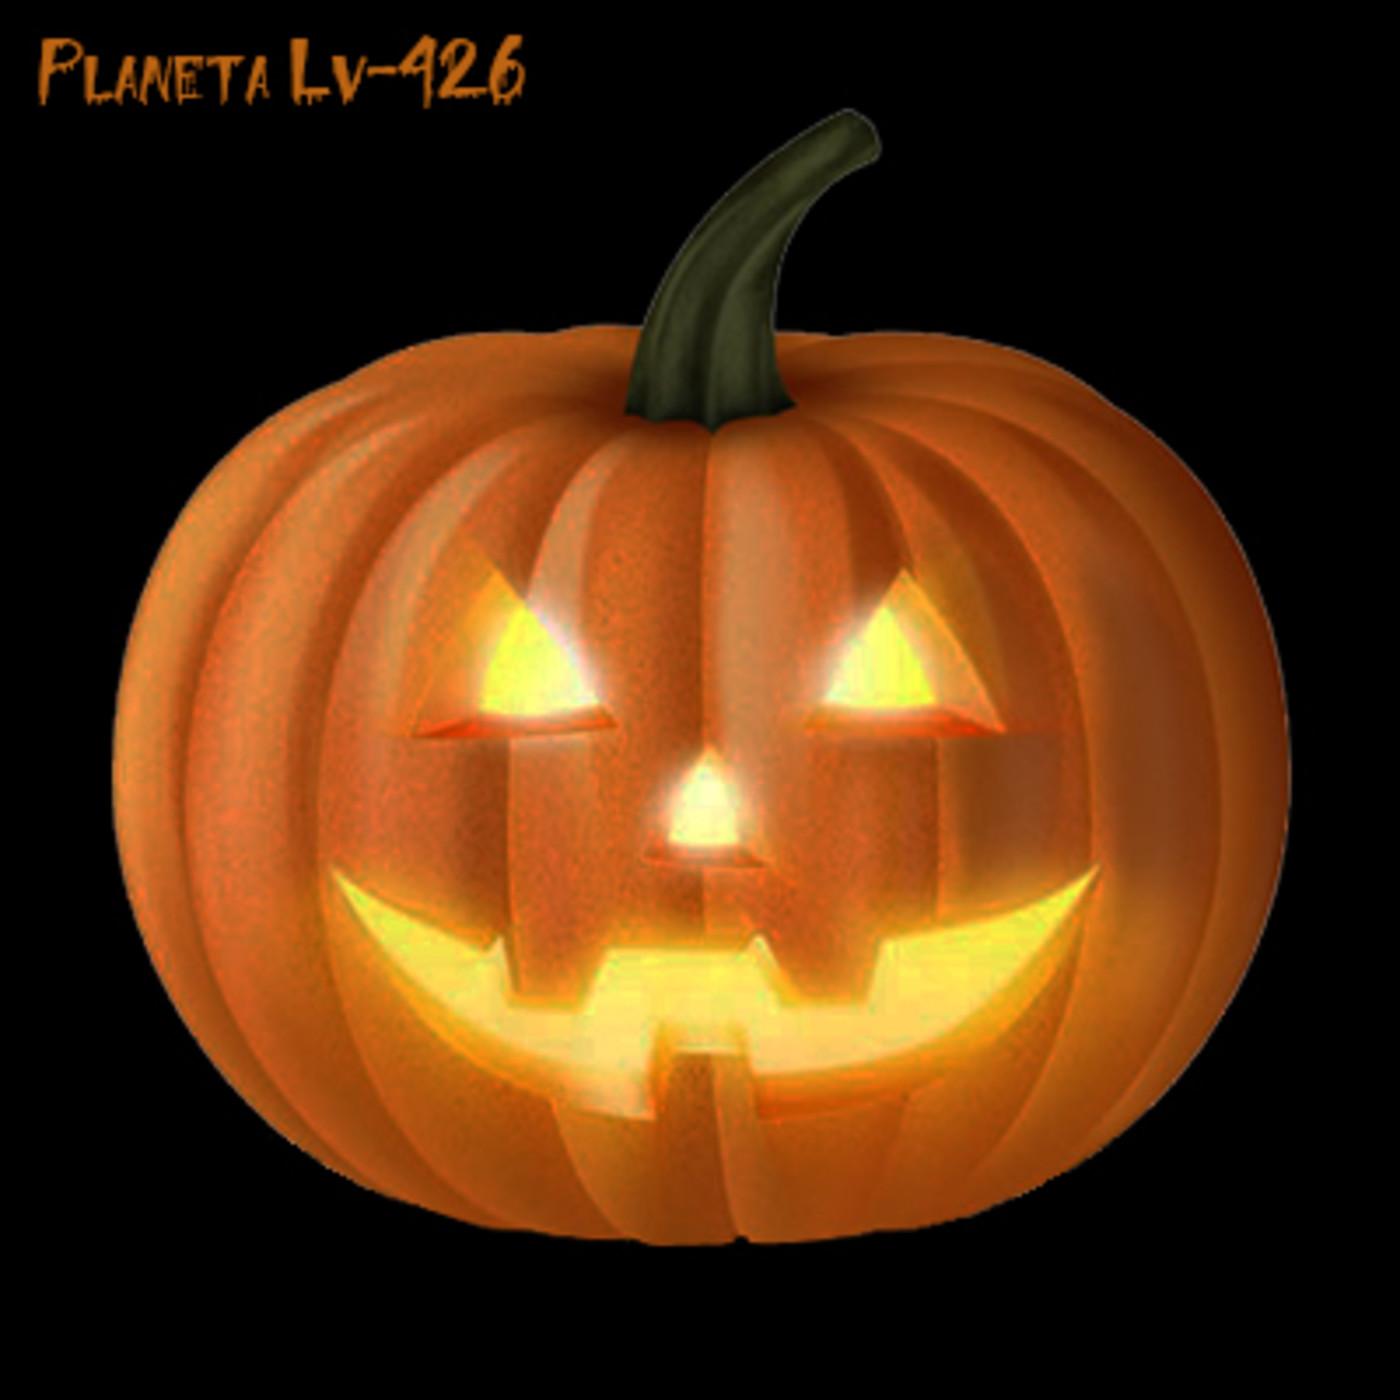 Nivel 426 - Episodio 18 - Especial Halloween y The Predator (El Depredador)